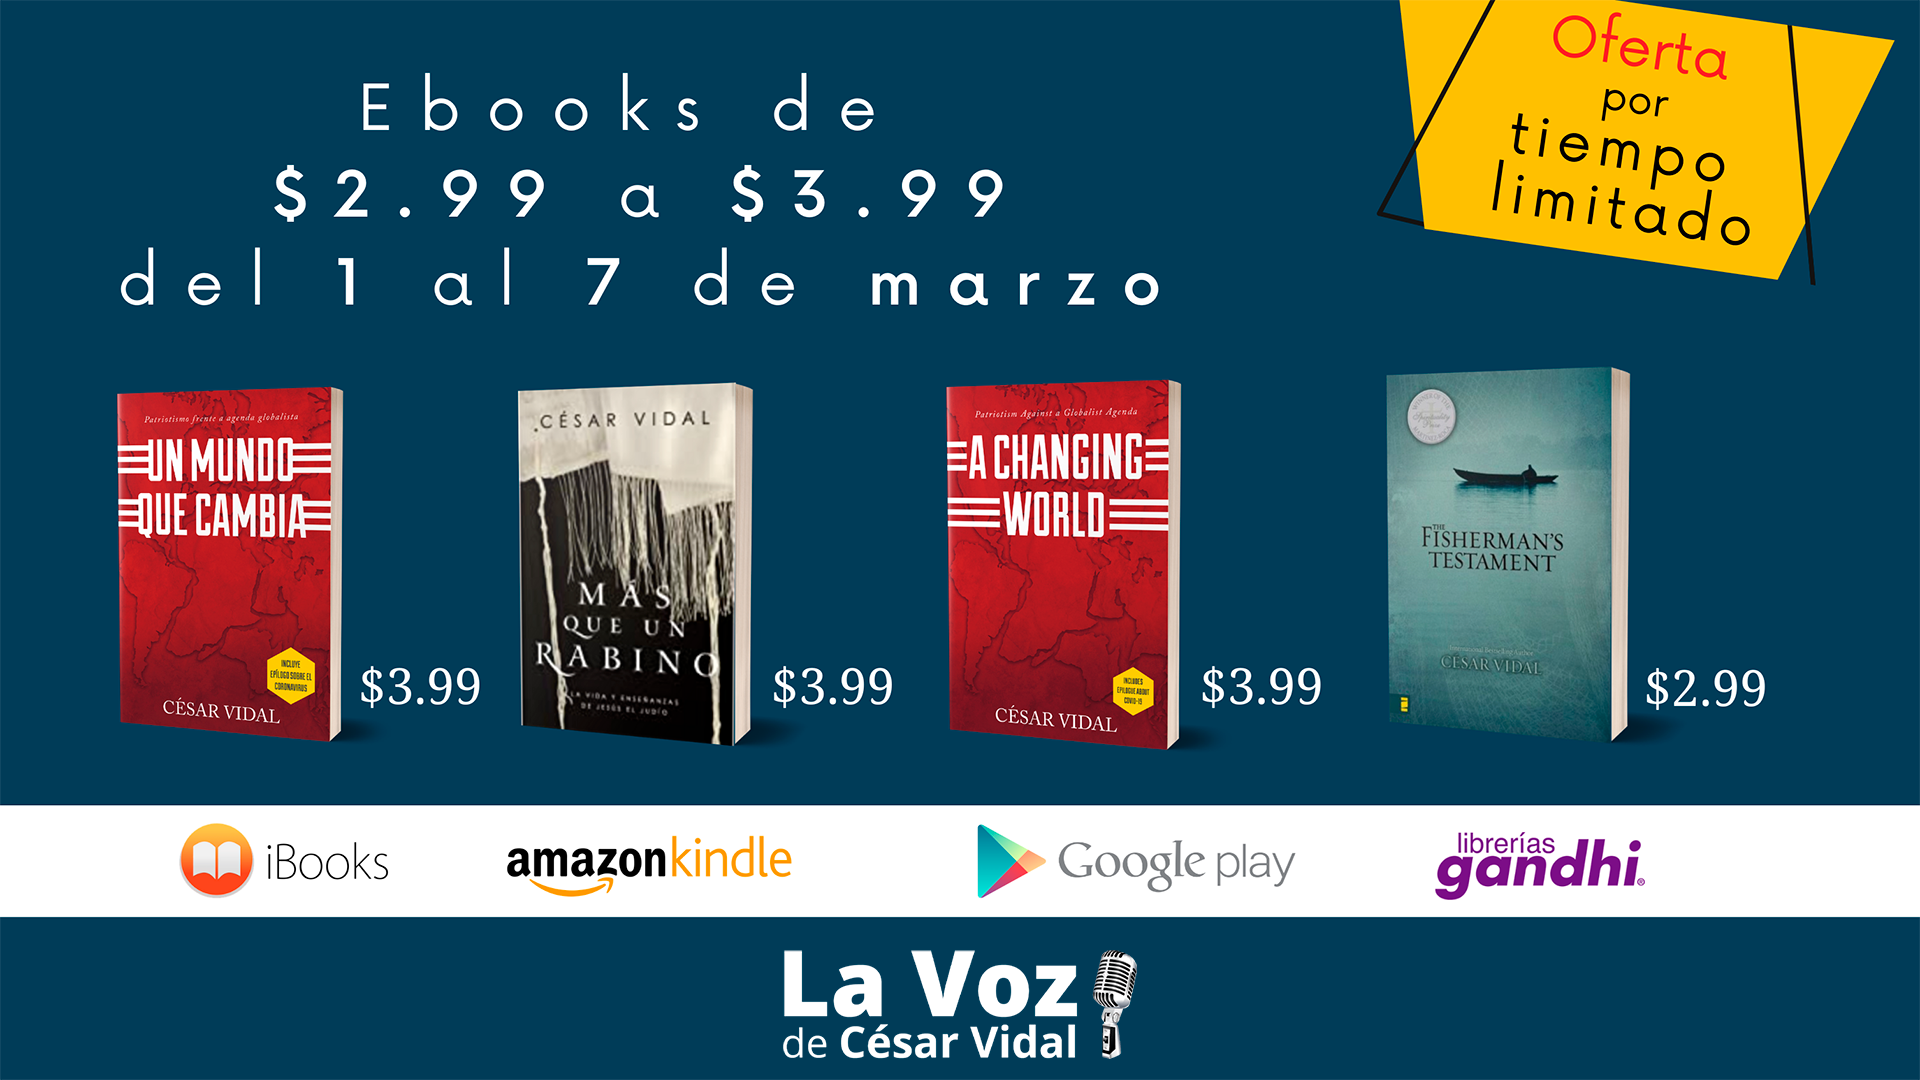 Oferta especial con algunos de los grandes éxitos de César Vidal en formato ebook a precio reducidísimo hasta el 7 de marzo en Amazon, Google Play Libros, iBooks de Apple y librerías Gandhi.